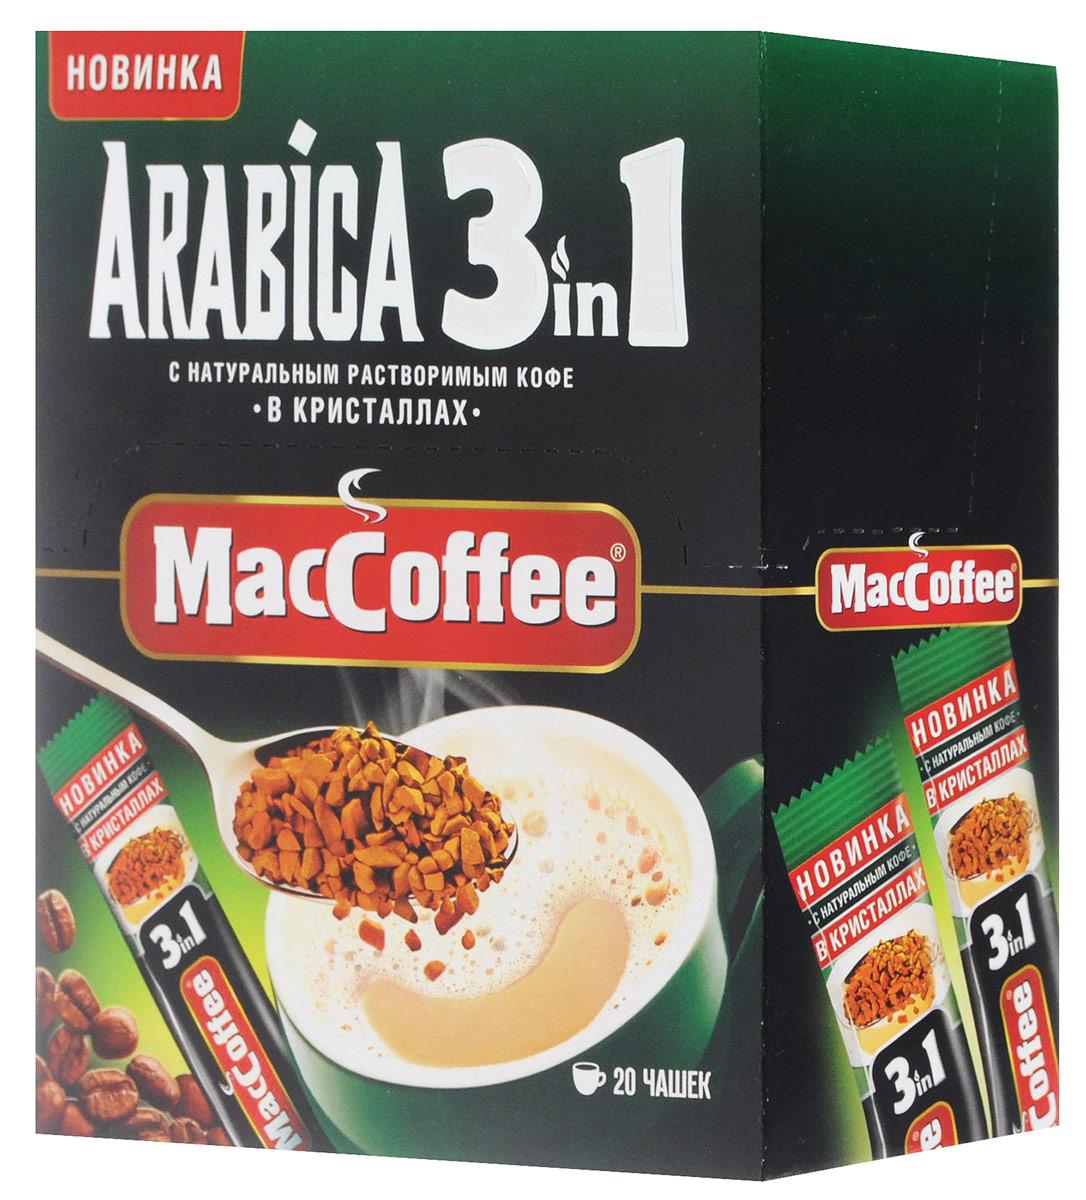 MacCoffee Arabica кофейный напиток 3 в 1 с натуральным растворимым кофе, 20 шт